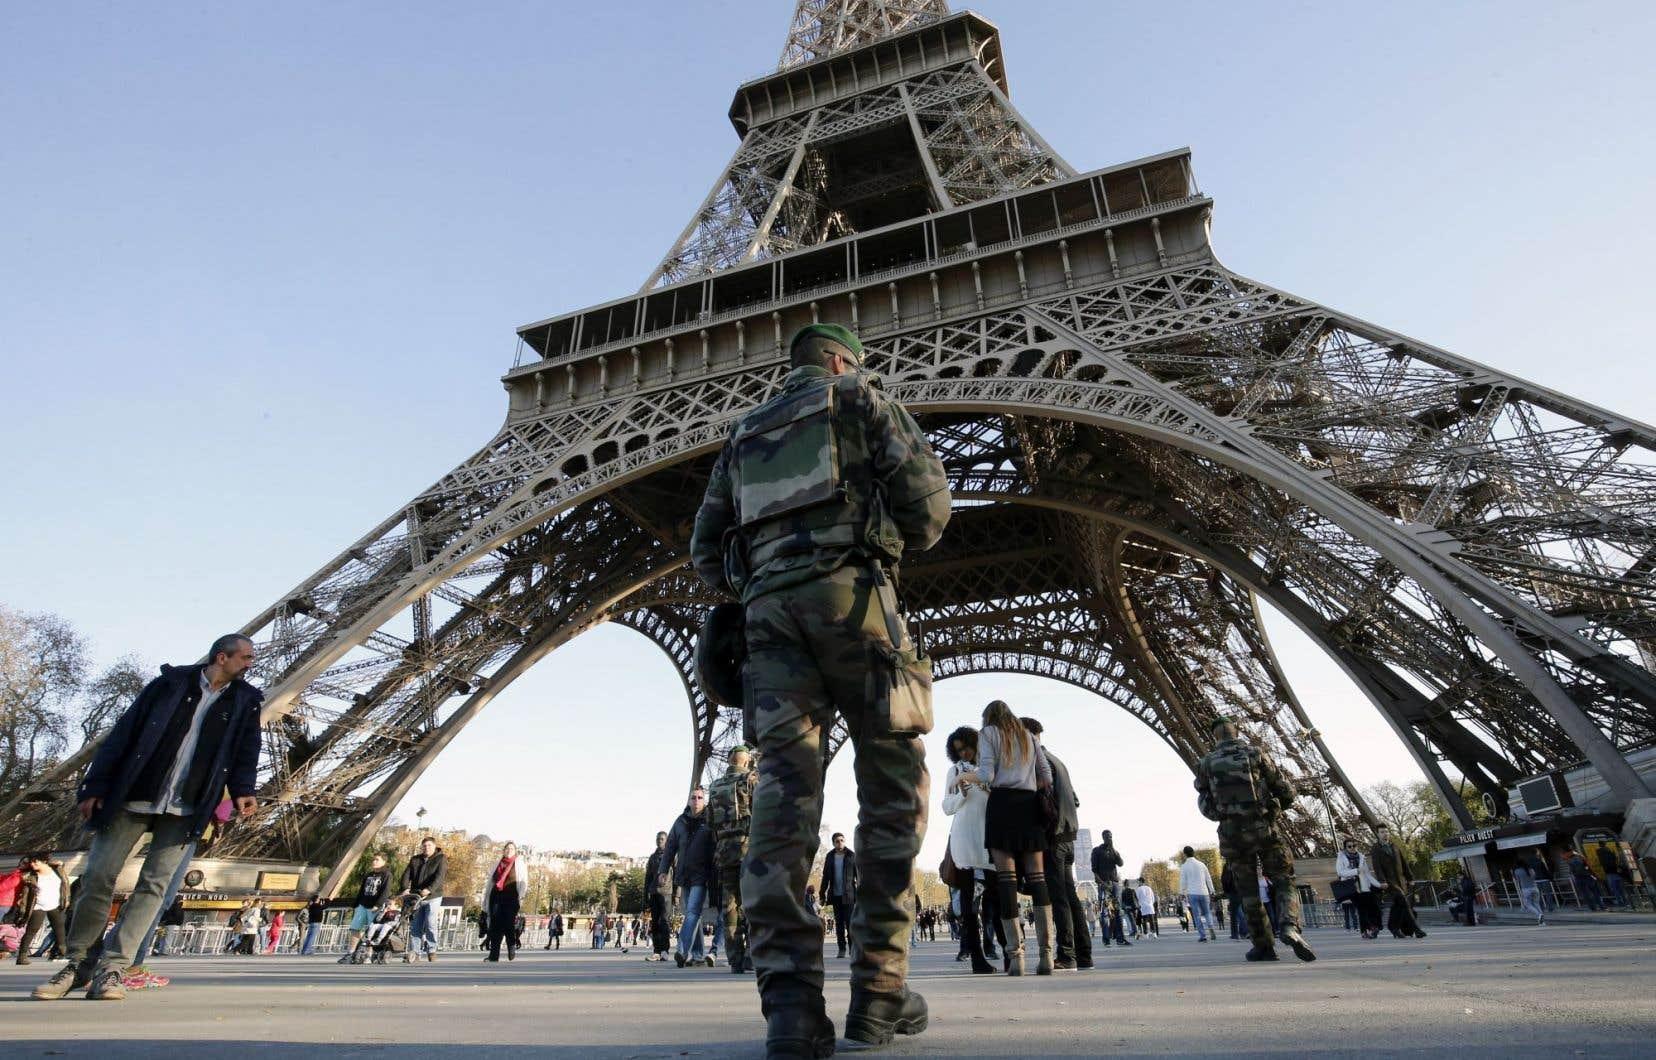 La tour Eiffel, monument-symbole de la capitale française, était fermée dimanche comme d'autres lieux touristiques de Paris. Des militaires et des policiers surveillent le site depuis les attentats de vendredi qui ont fait au moins 132 morts.